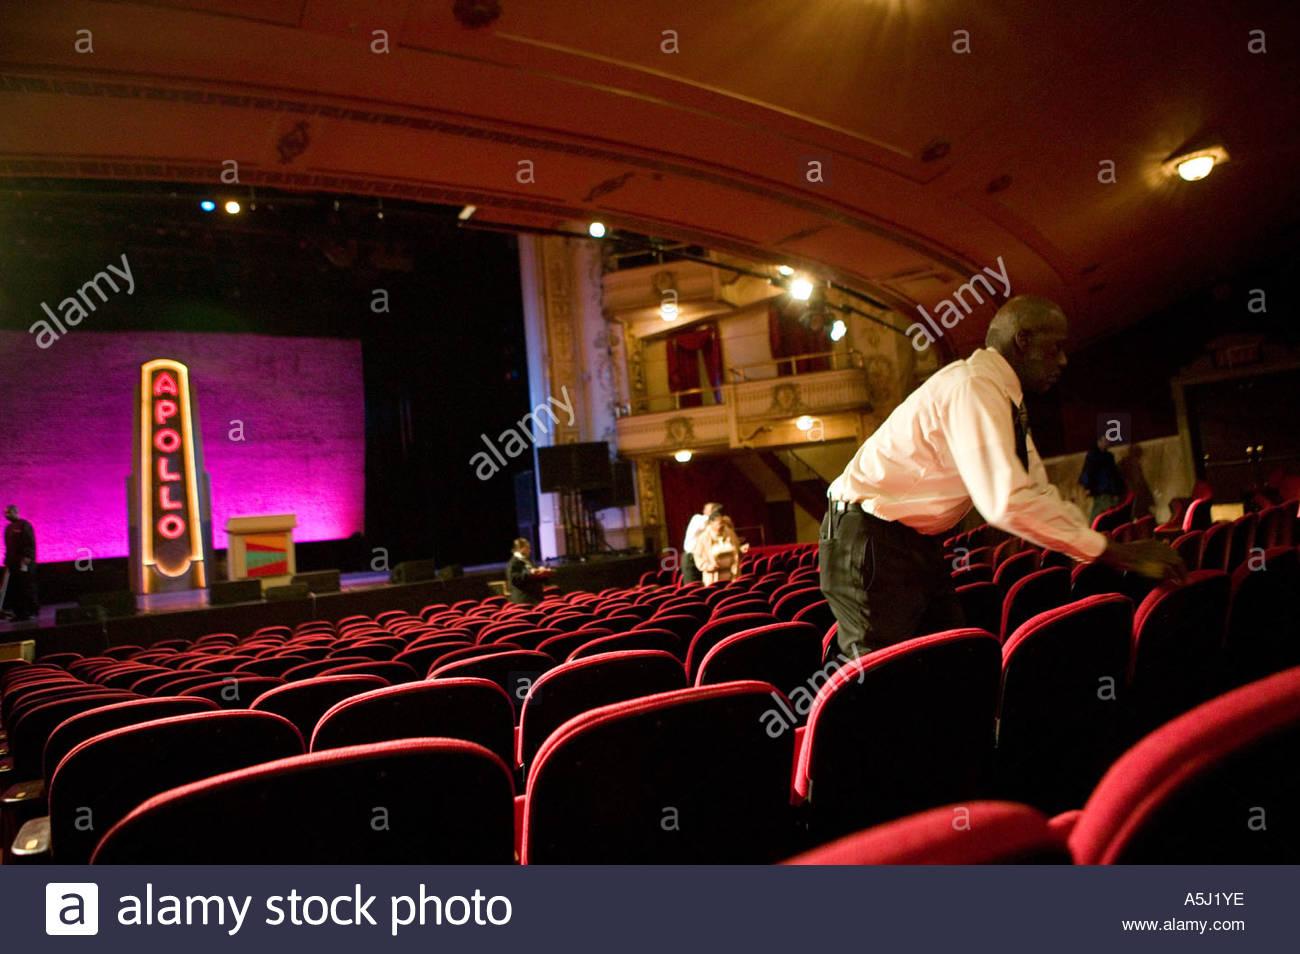 إلهام السياحة (TCiX) على مسرح أبولو في هارلم